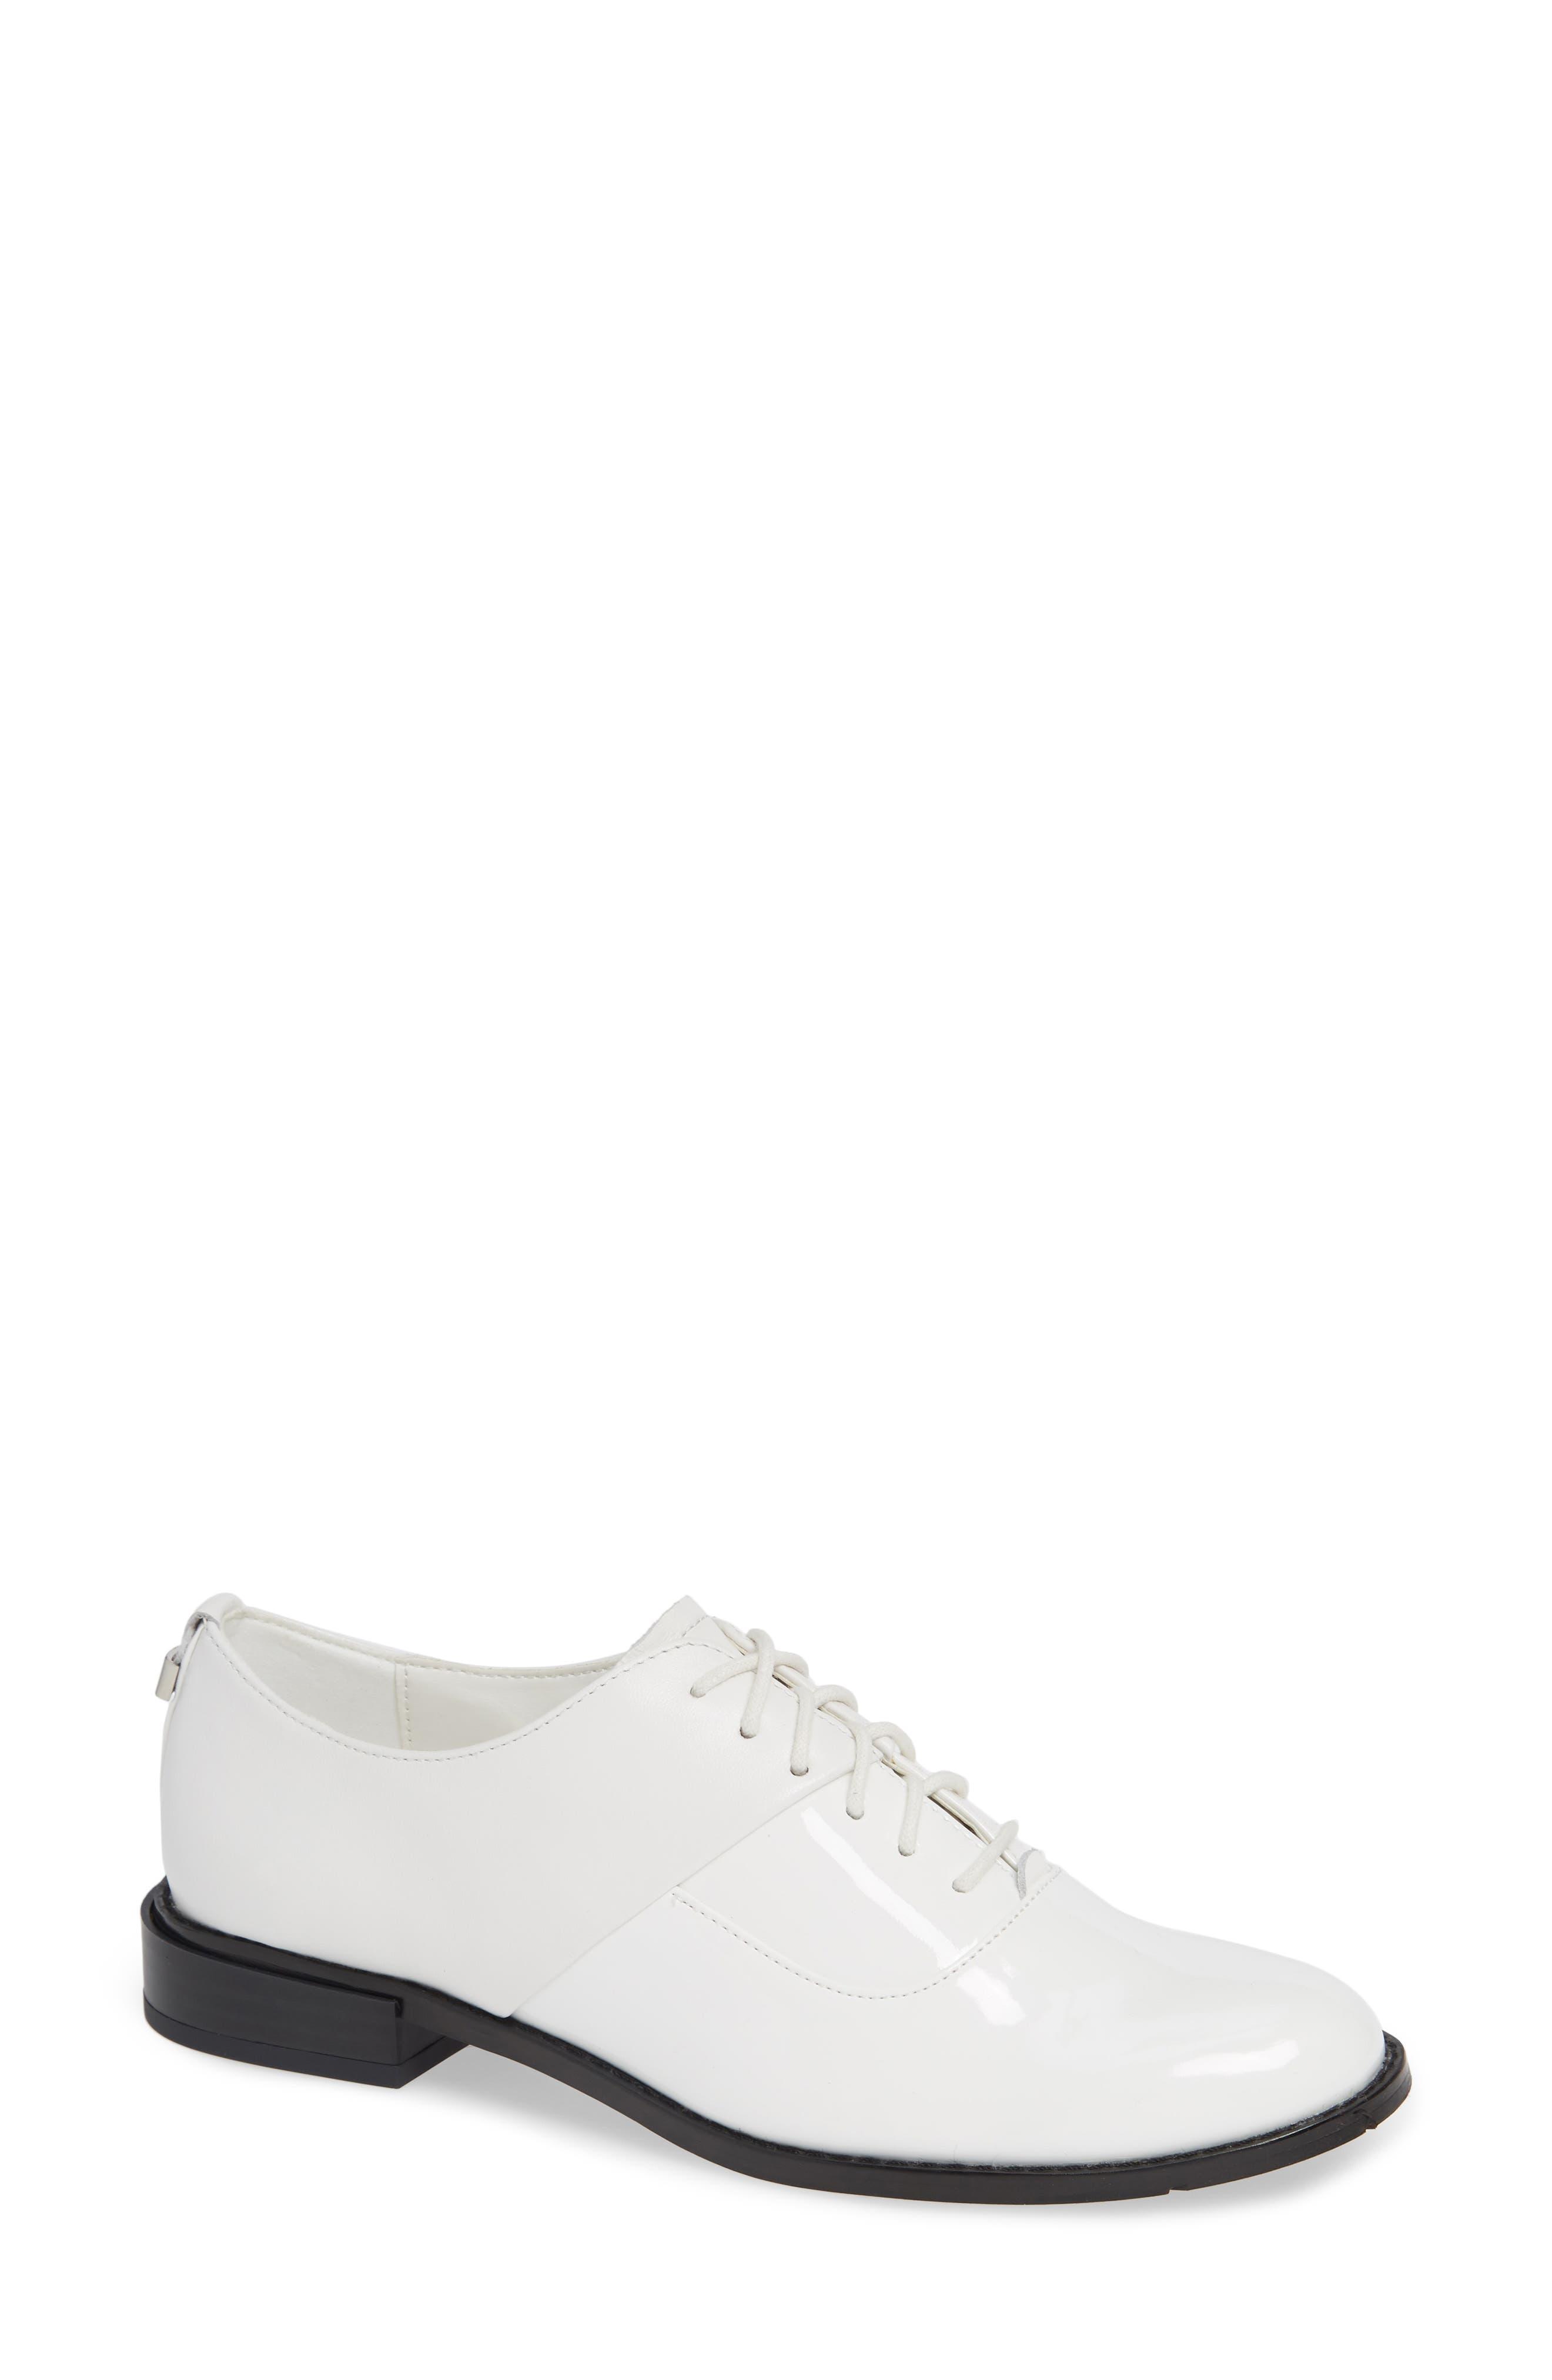 Calvin Klein Aracely Oxford- White